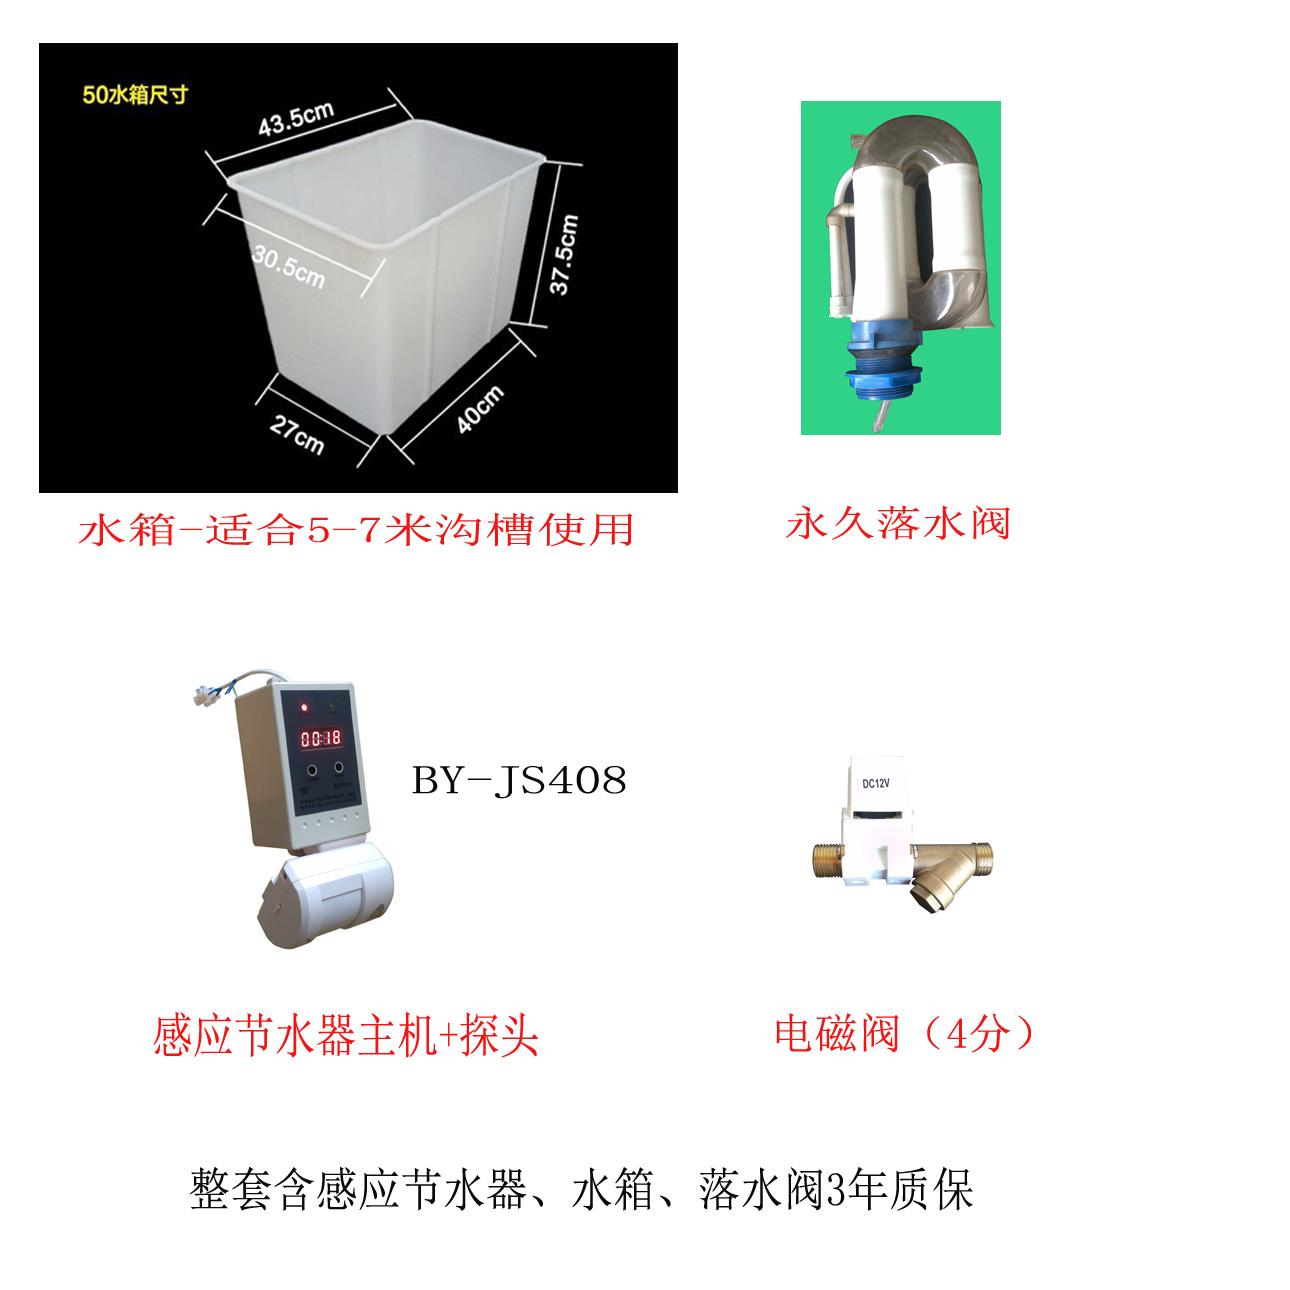 50L水箱+永久落水阀+感应节水器(BY-JS408)套件